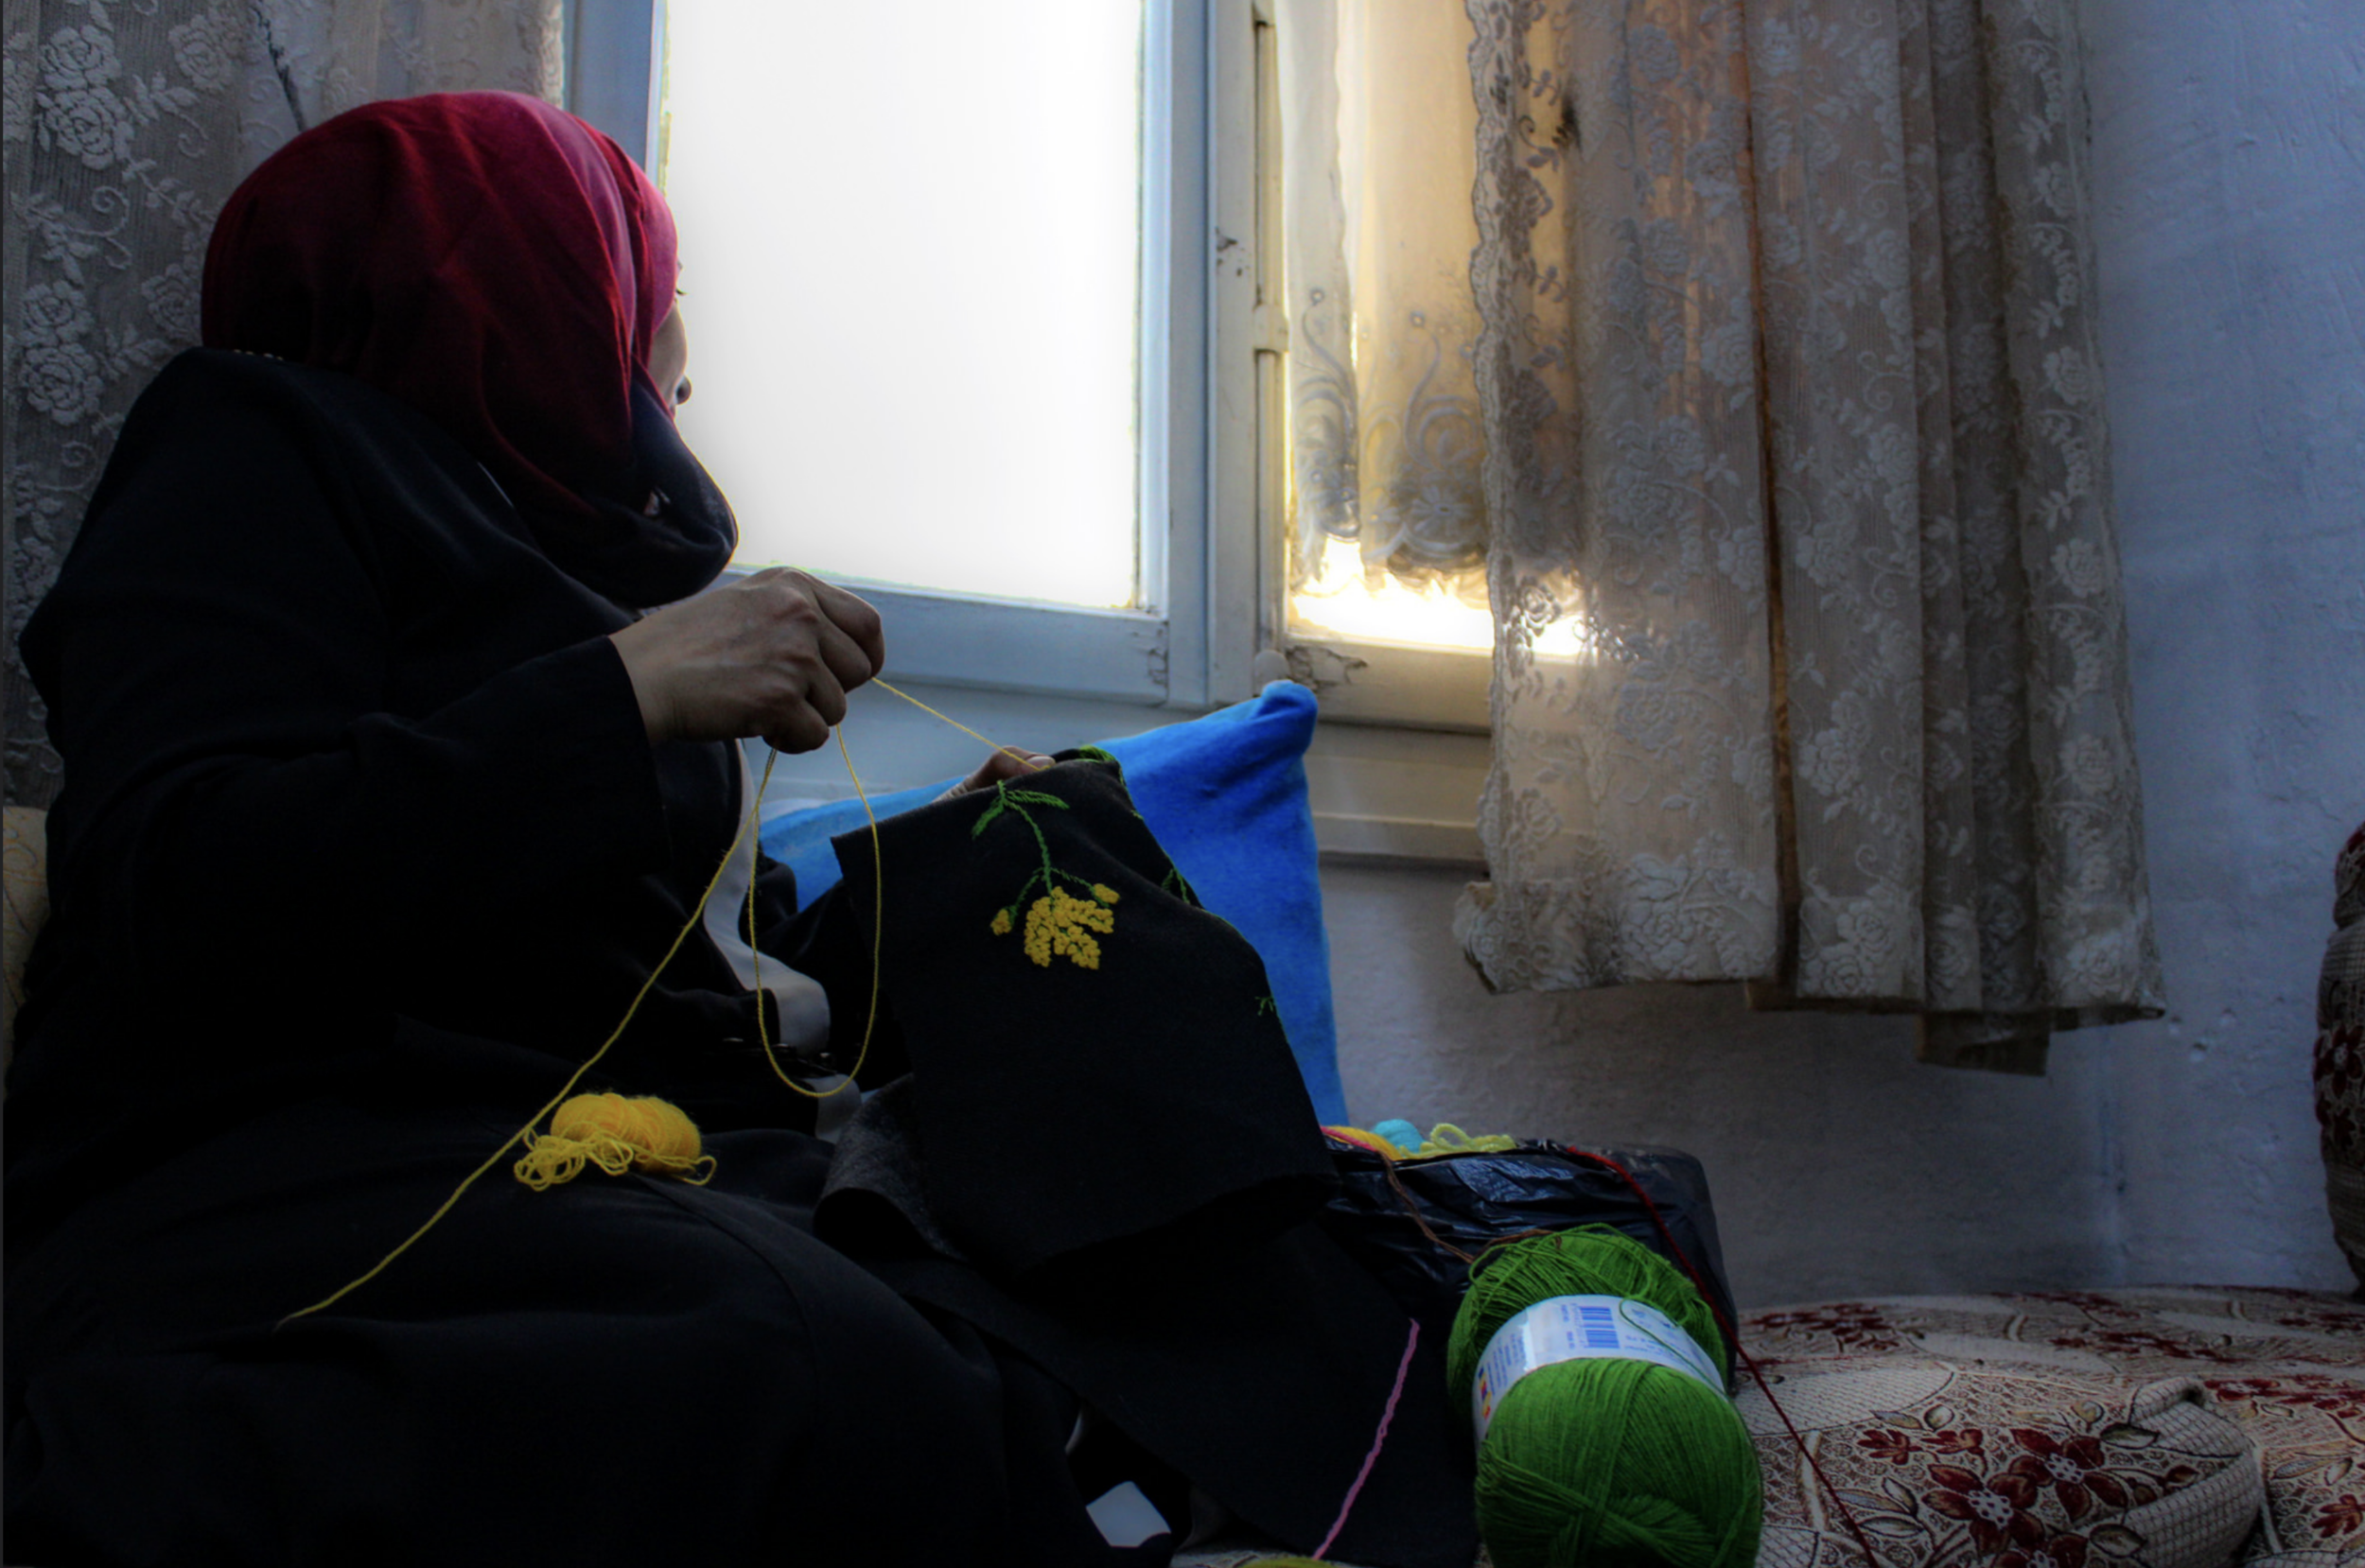 Situasjonen for flyktninger i tyrkia er krevende.  Foto: UN Women